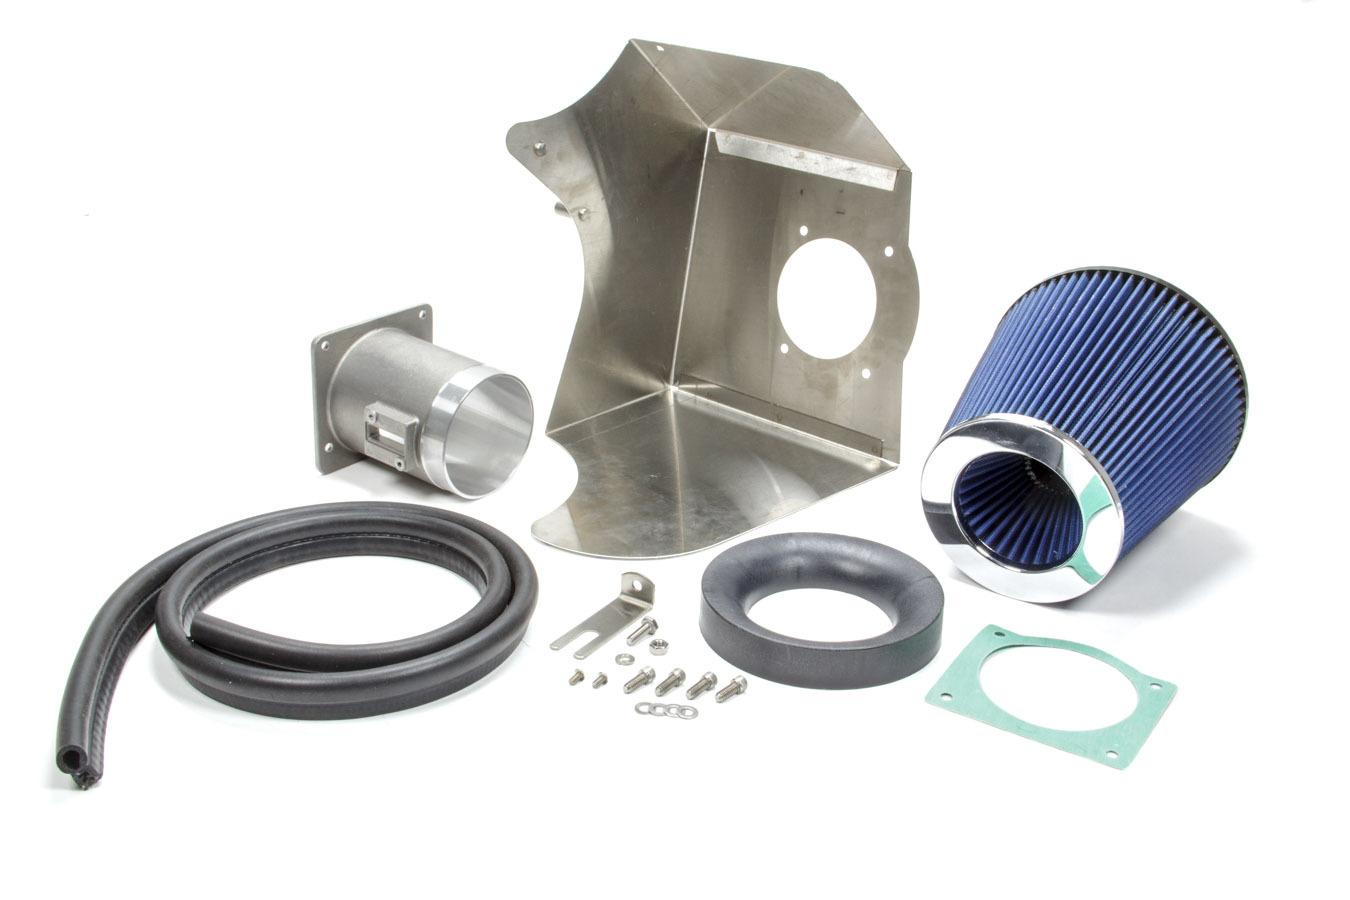 Cold Air Intake Kit 05-09 Mustang 4.6L